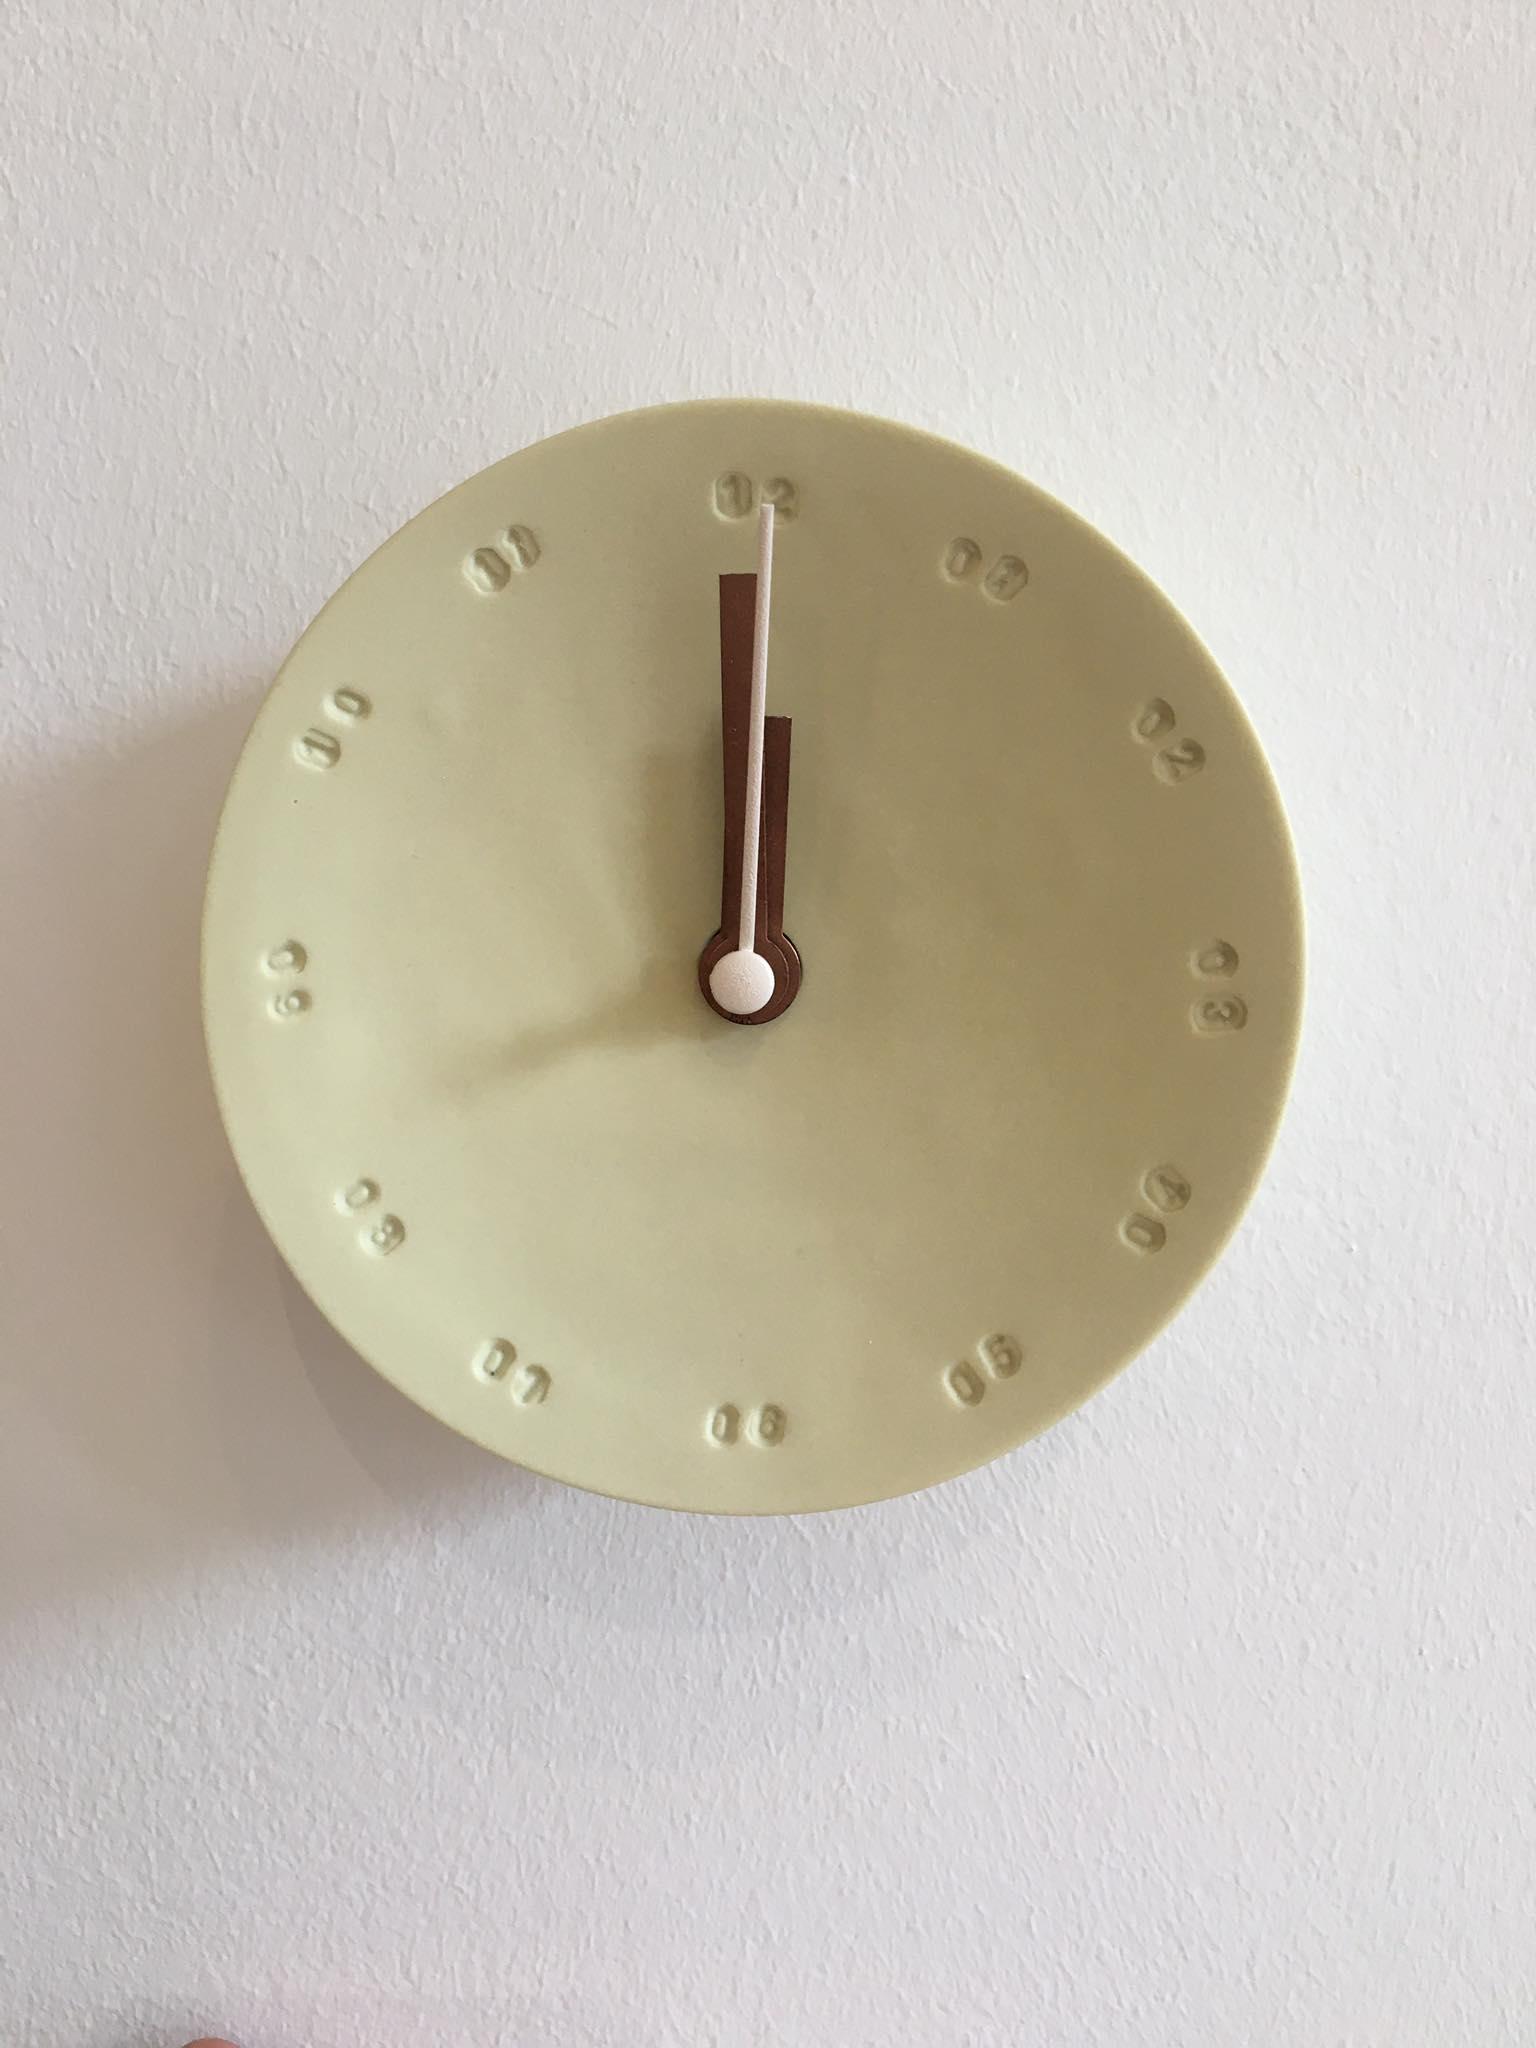 Horloge murale 10cm Jaune/blanc* Studio Harm en Elke